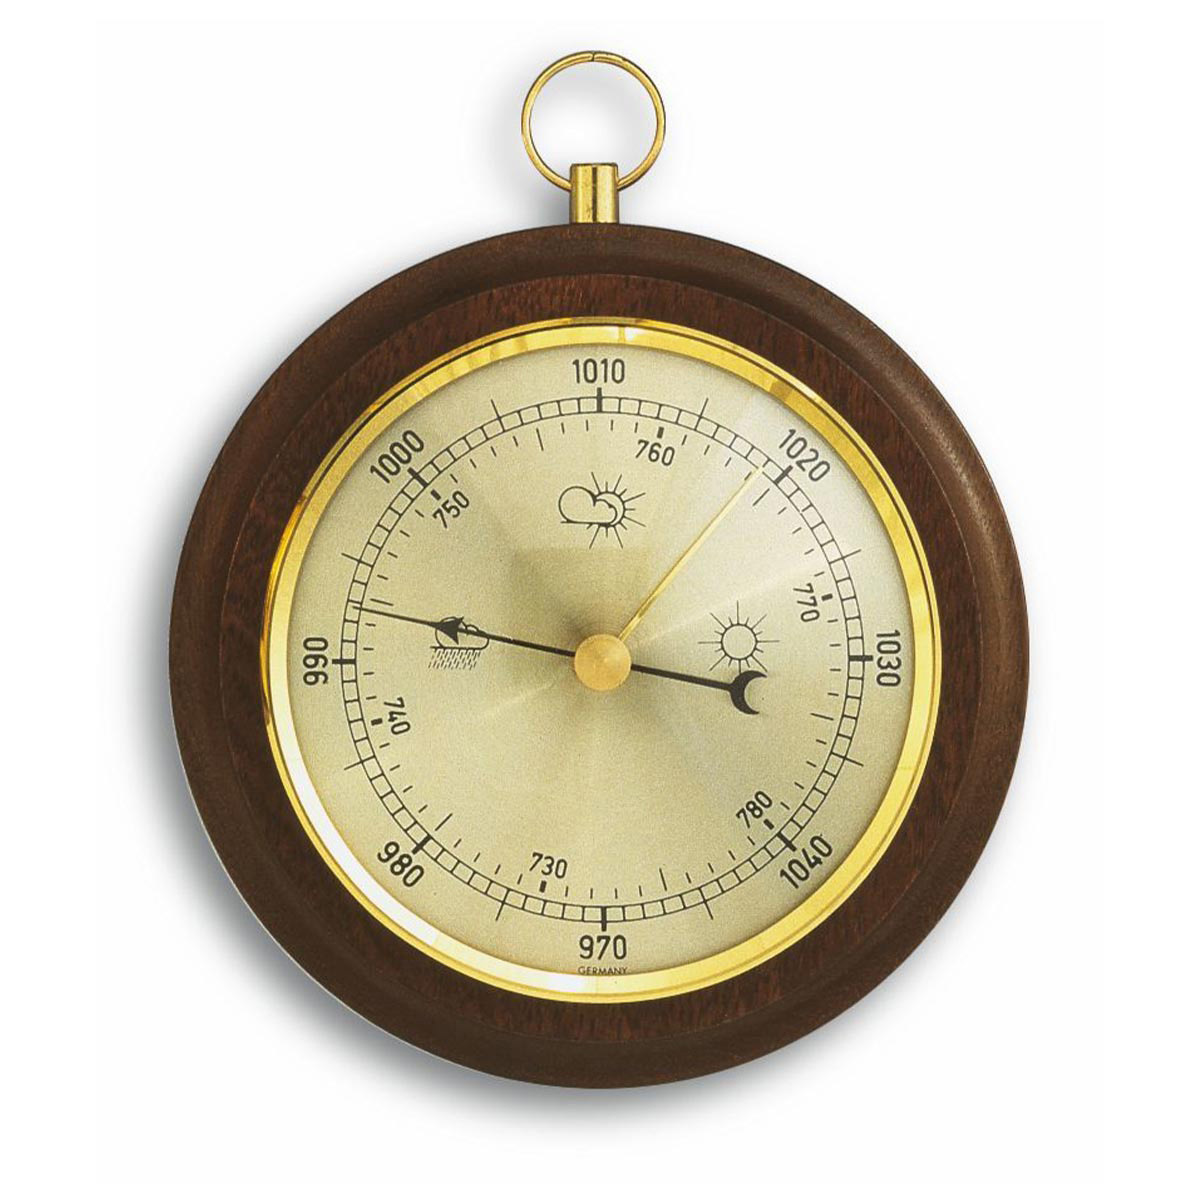 29-4001-analoger-barometer-nussbaum-1200x1200px.jpg